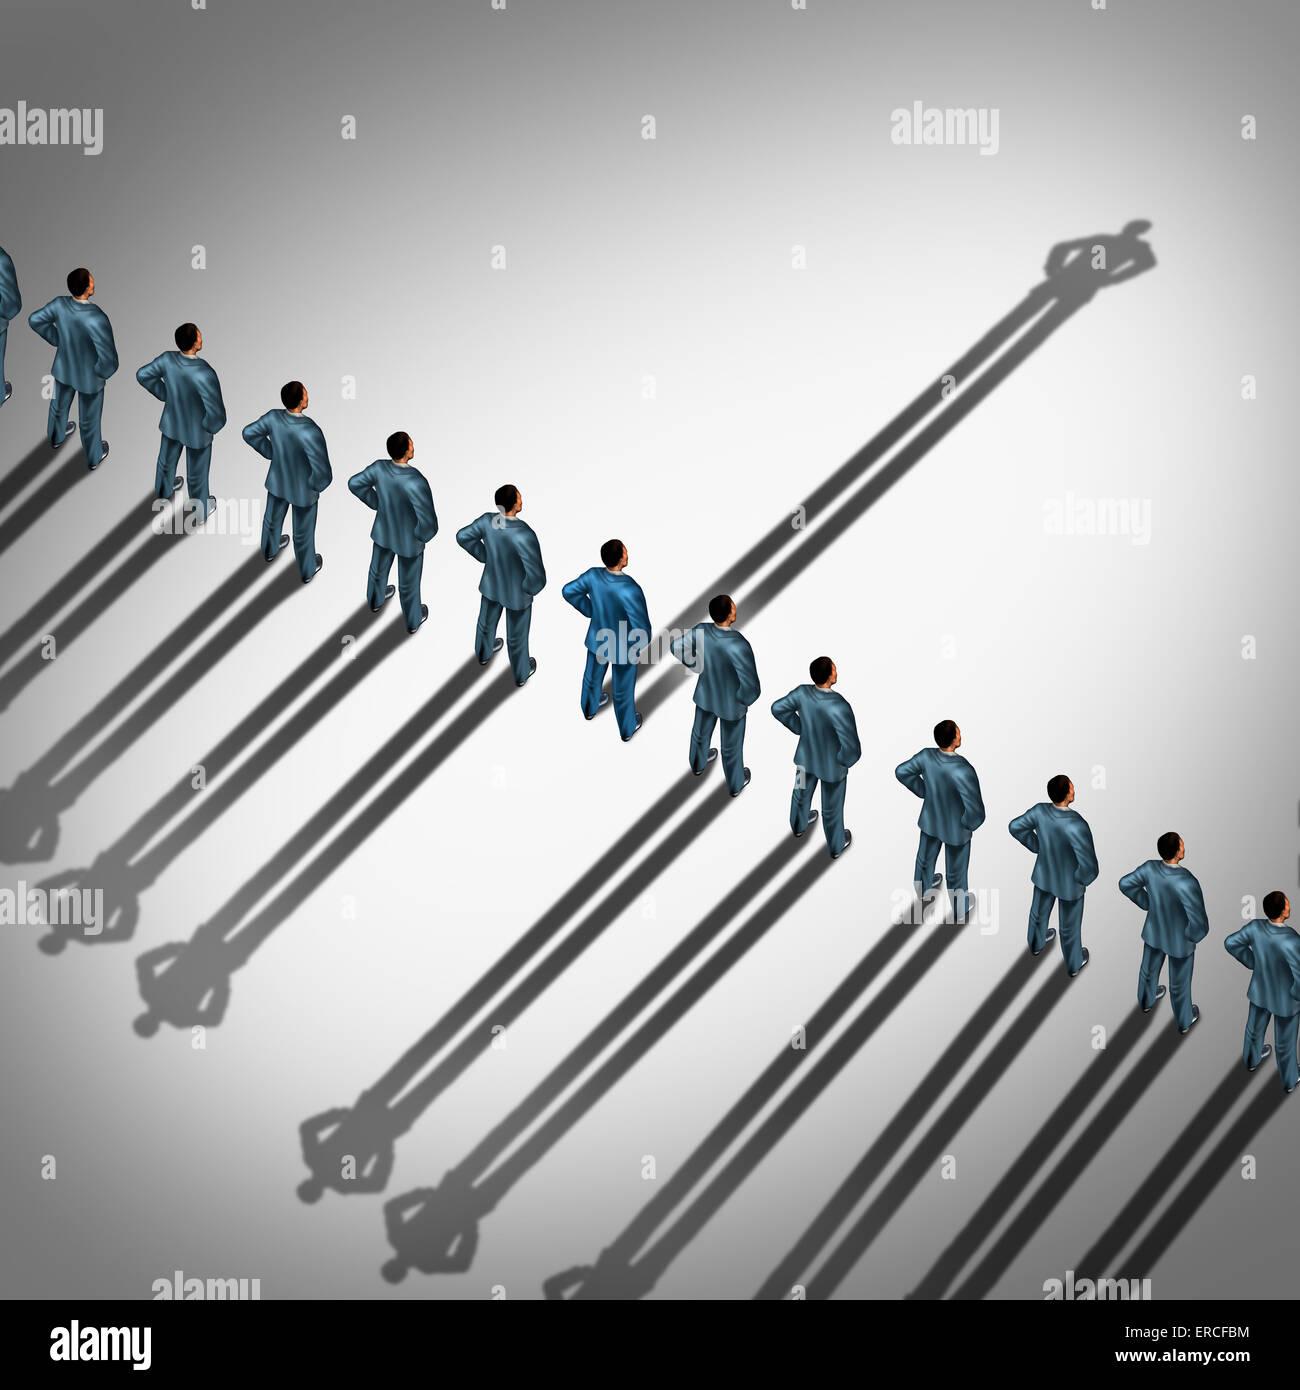 Pensamiento empresarial diferente y pensador independiente concepto y nuevo concepto de liderazgo o la individualidad Imagen De Stock